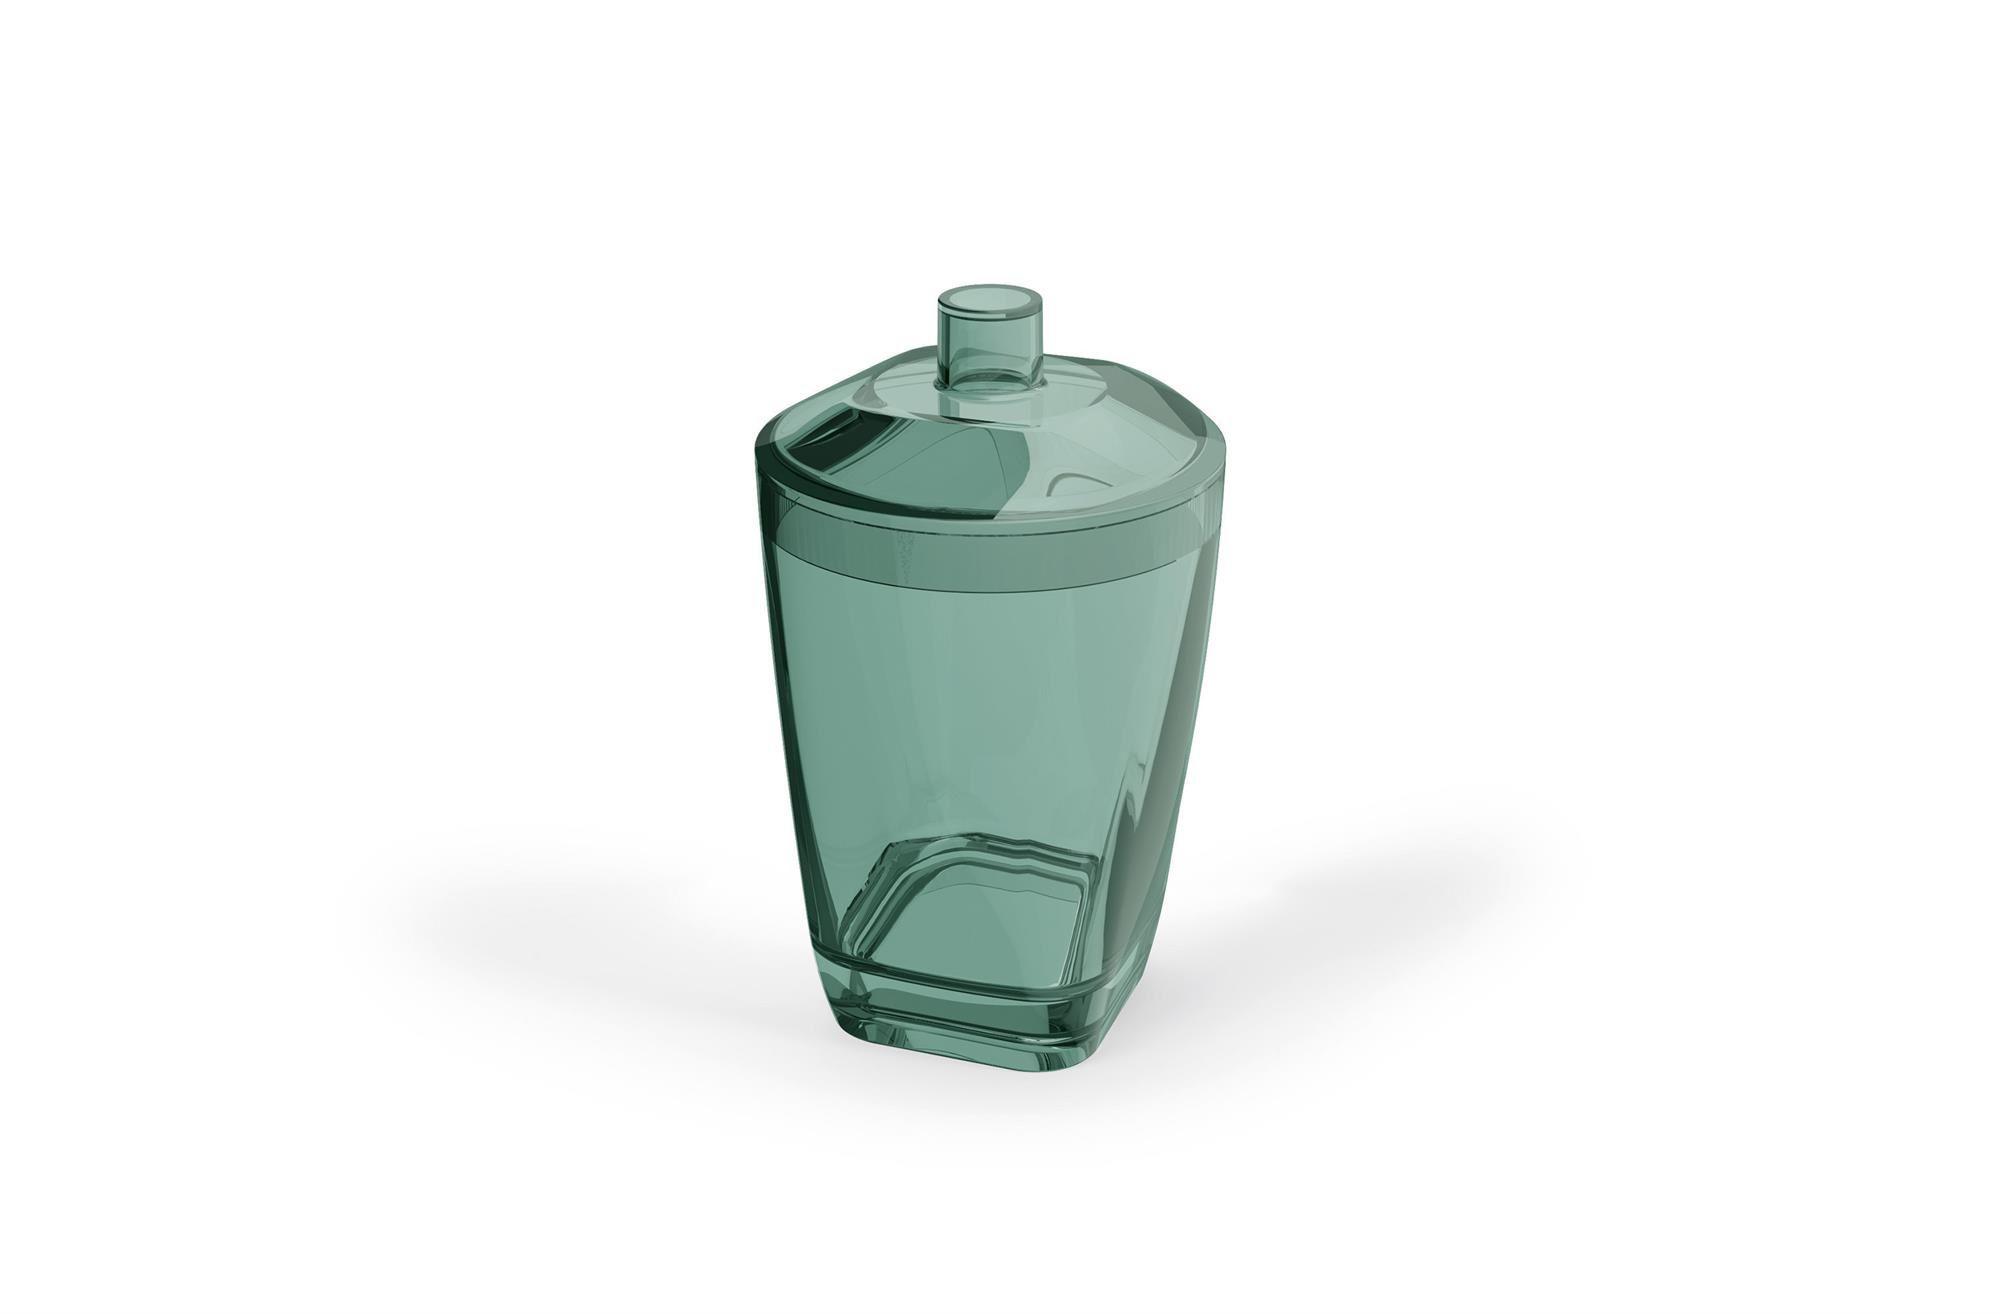 Kit Higiene Banheiro 4 Peças Porta Escova Sabonete Líquido Porta Algodão E Saboneteira Premium Uz Verde